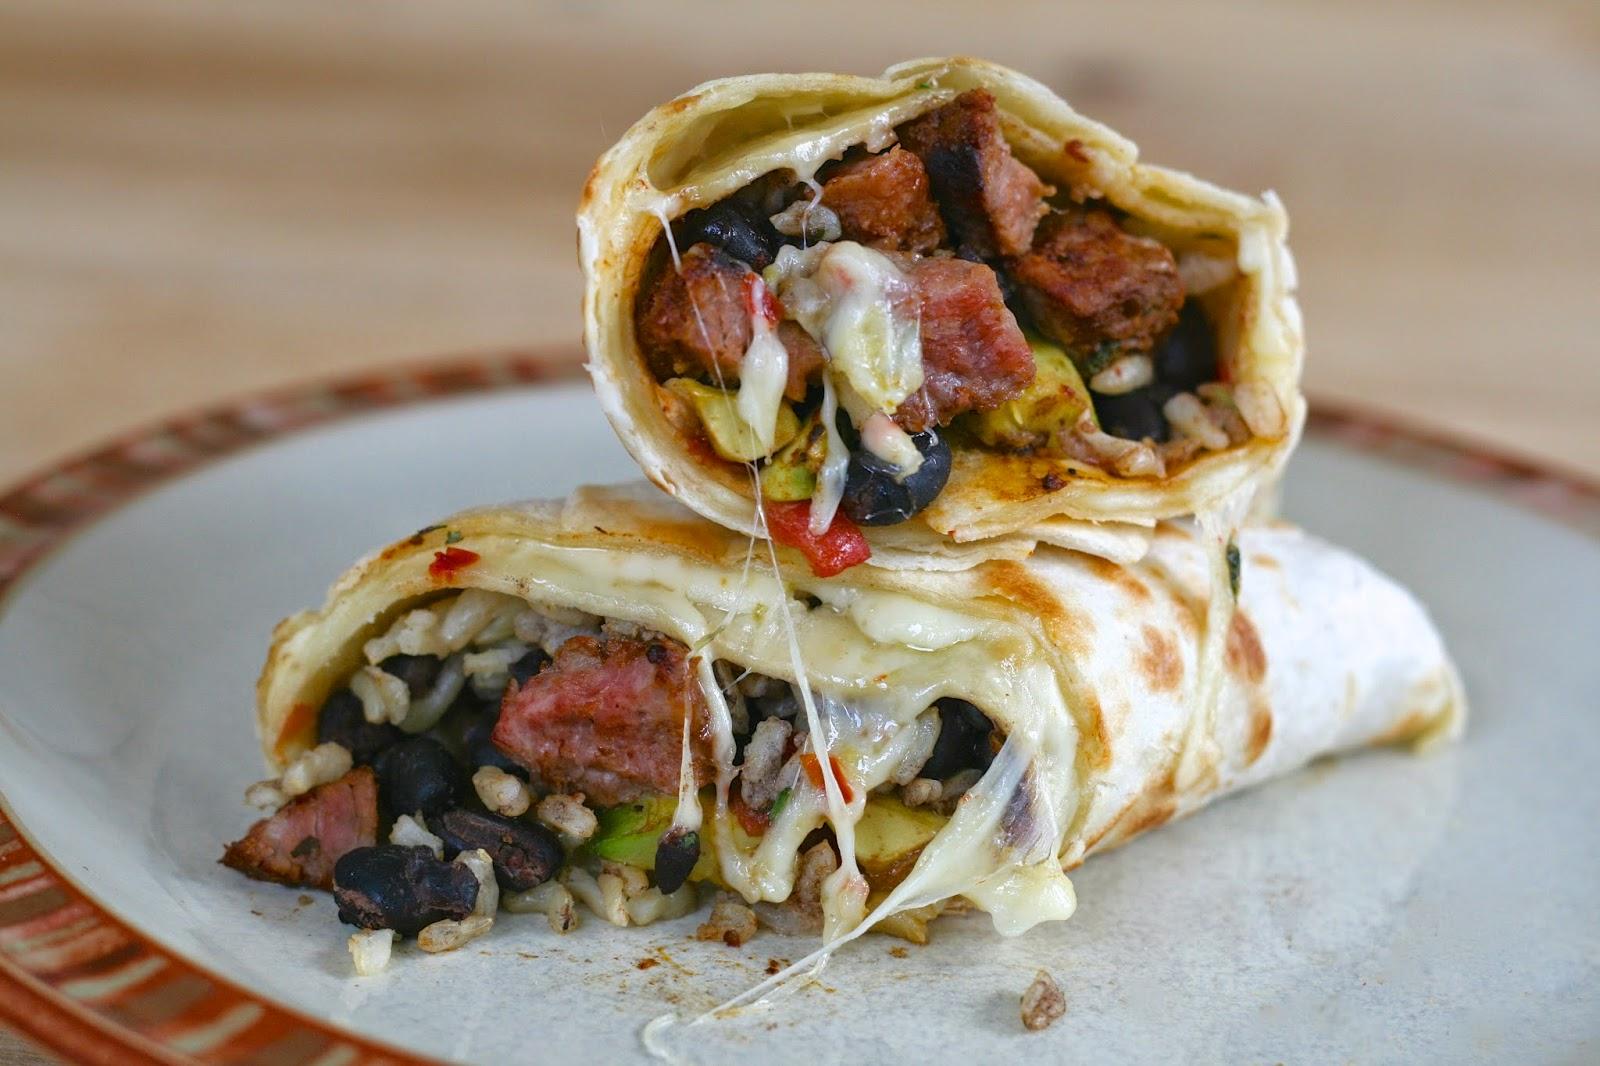 Classifica 10 ingredienti segreti cibo fast food